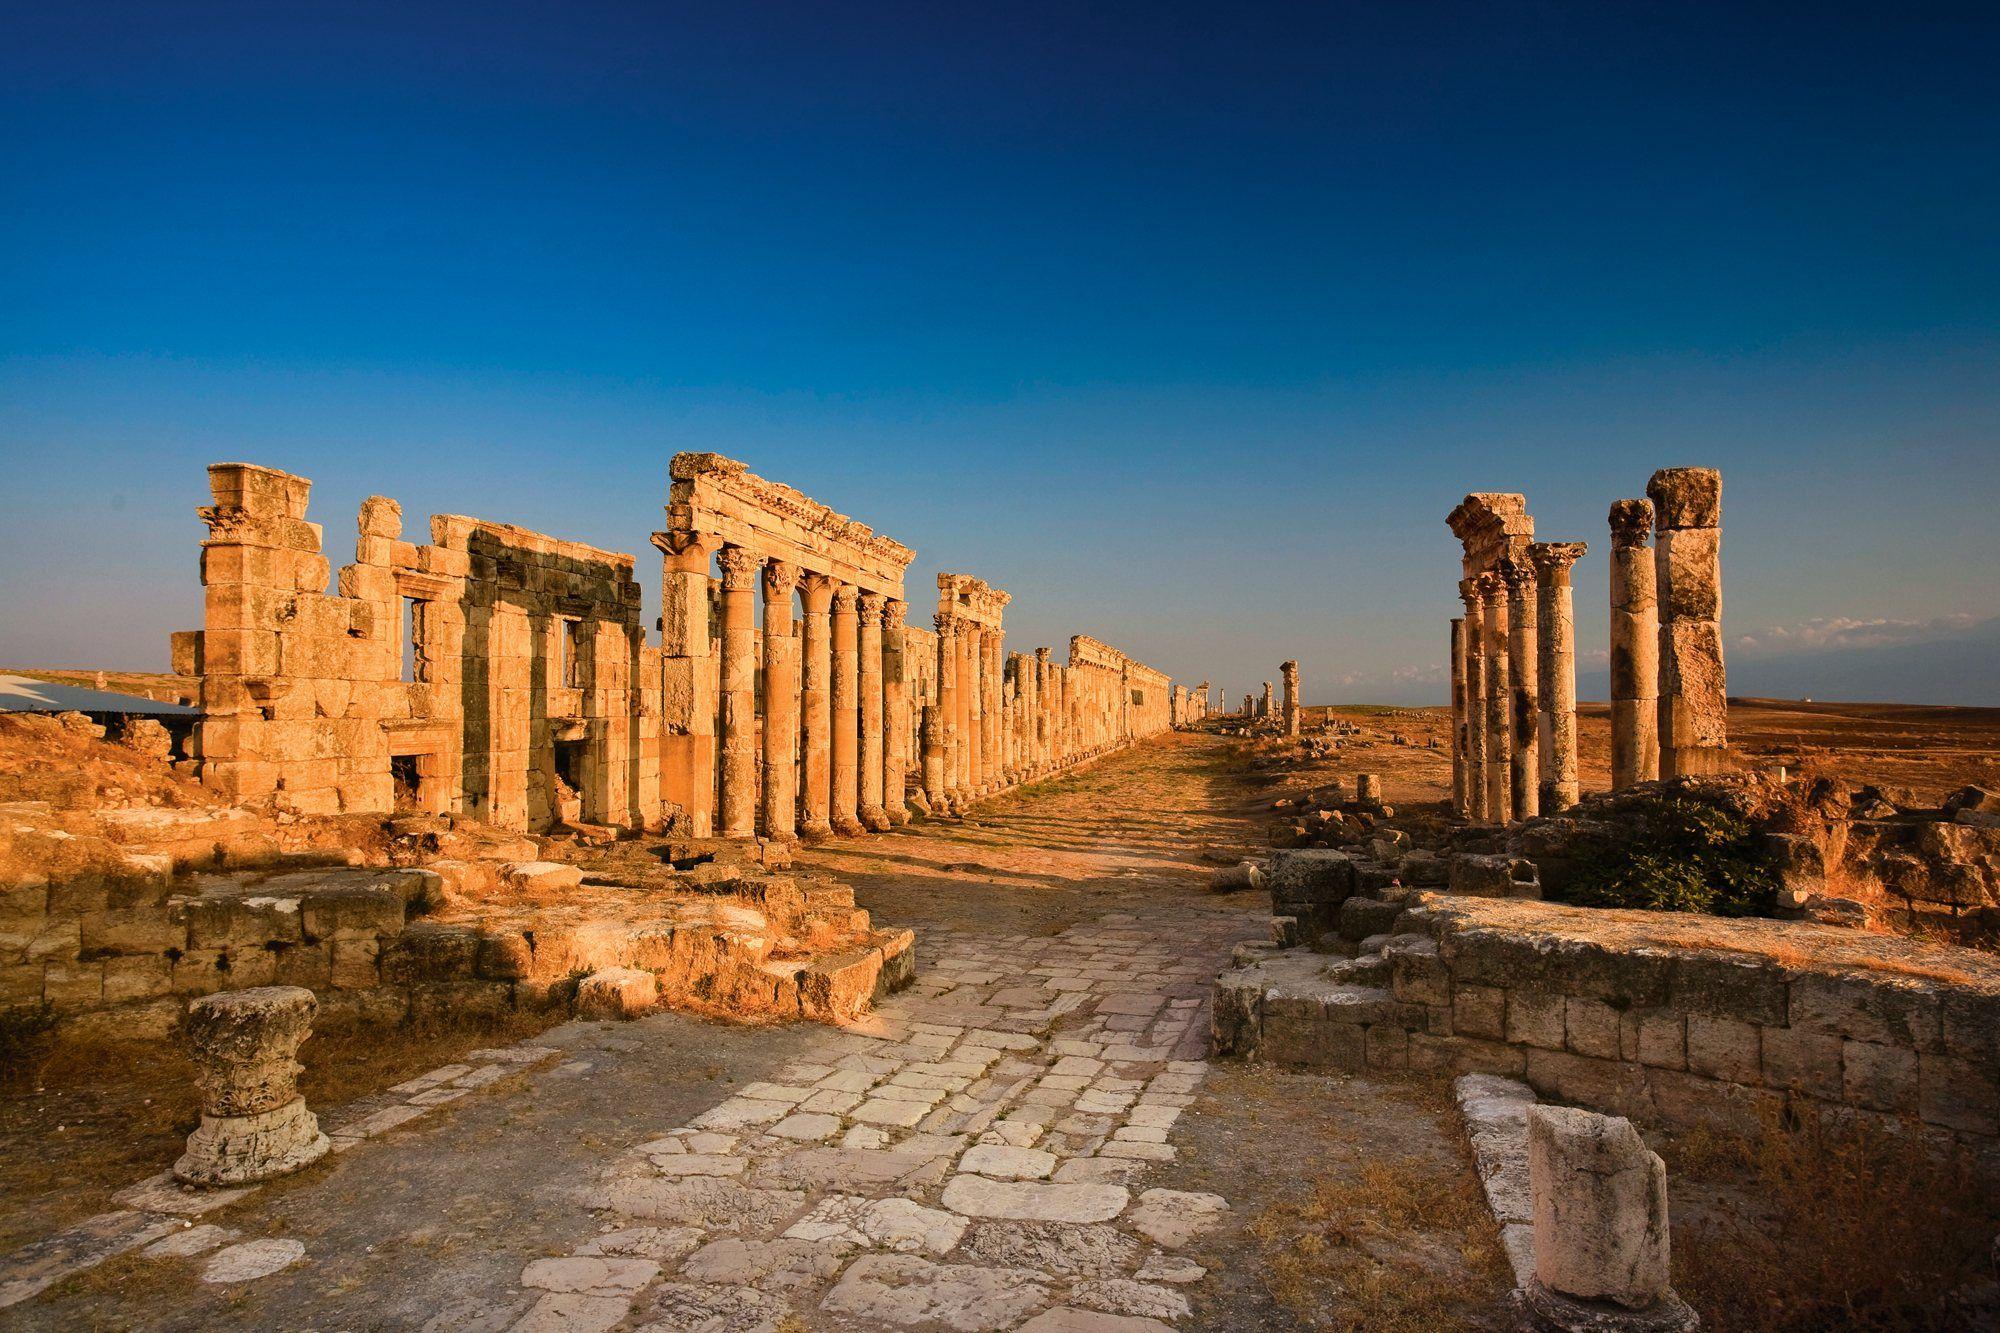 La columnata de Apamea  Tras la derrota en la batalla de Magnesia frente a Escipión, el rey seléucida Antíoco III se vio obligado a firmar una paz con Roma en la ciudad siria de Apamea. En la imagen, la vía principal.